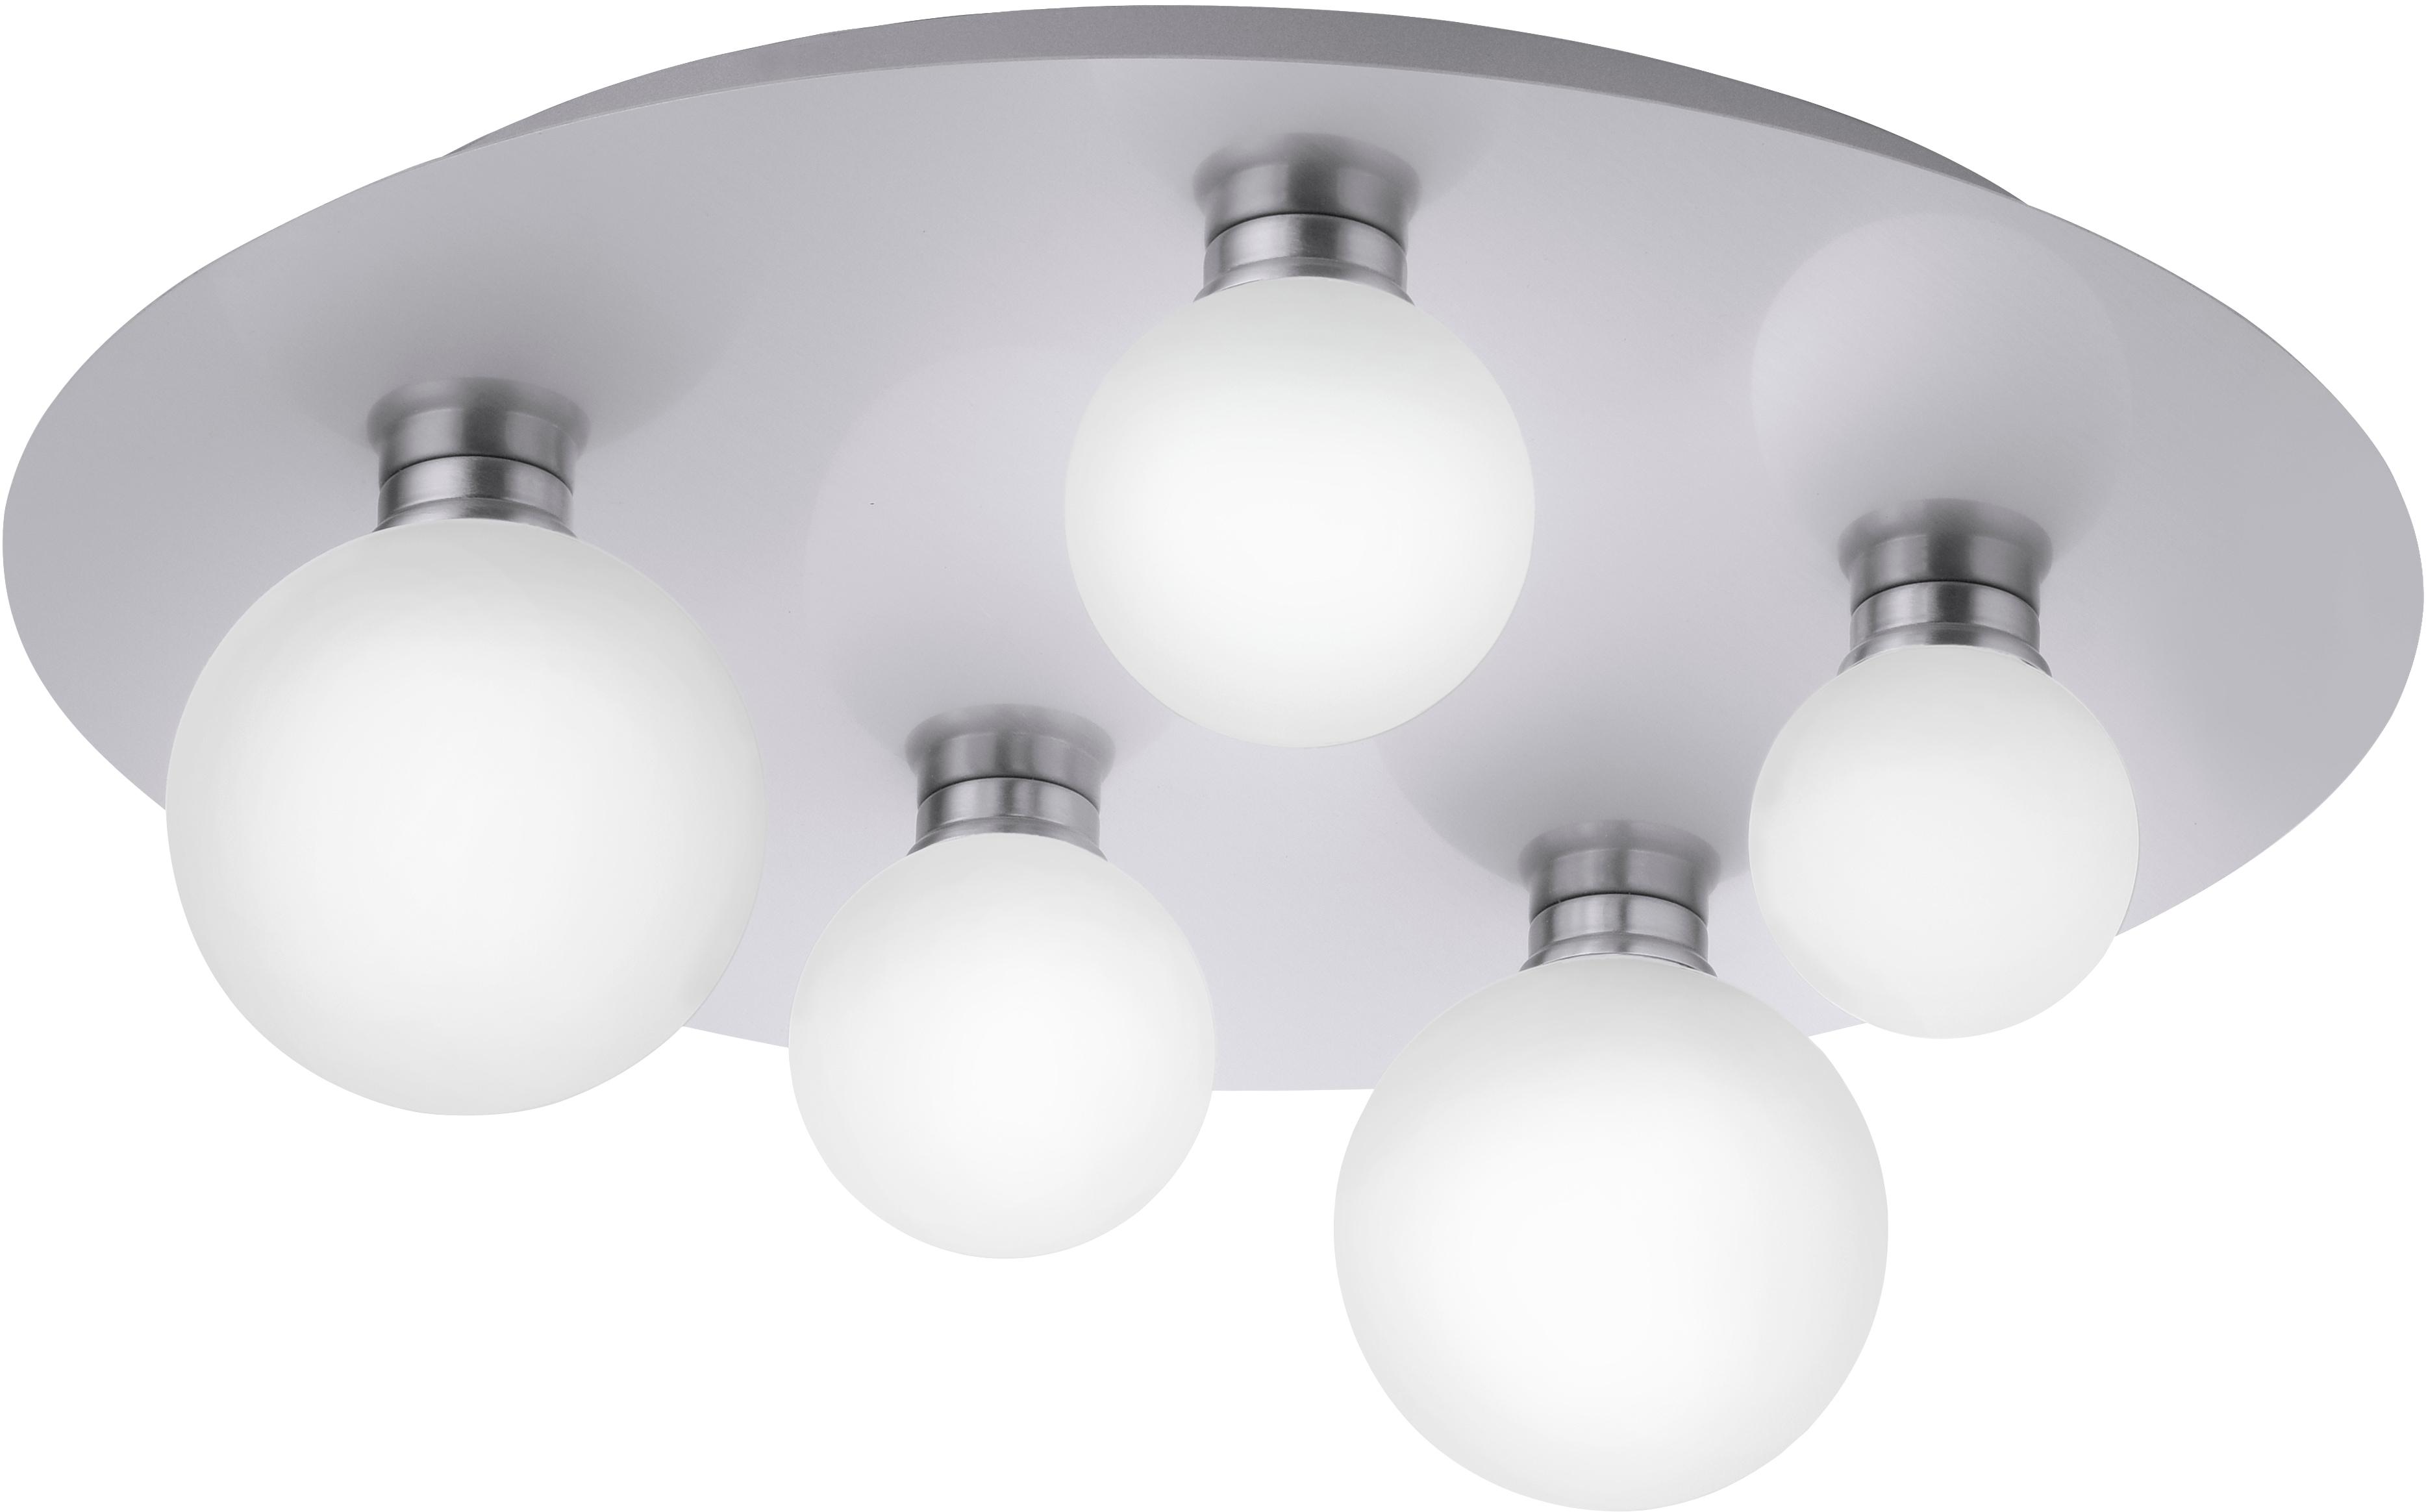 TRIO Leuchten LED Deckenleuchte DICAPO, LED-Board, 1 St., Farbwechsler, RGBW